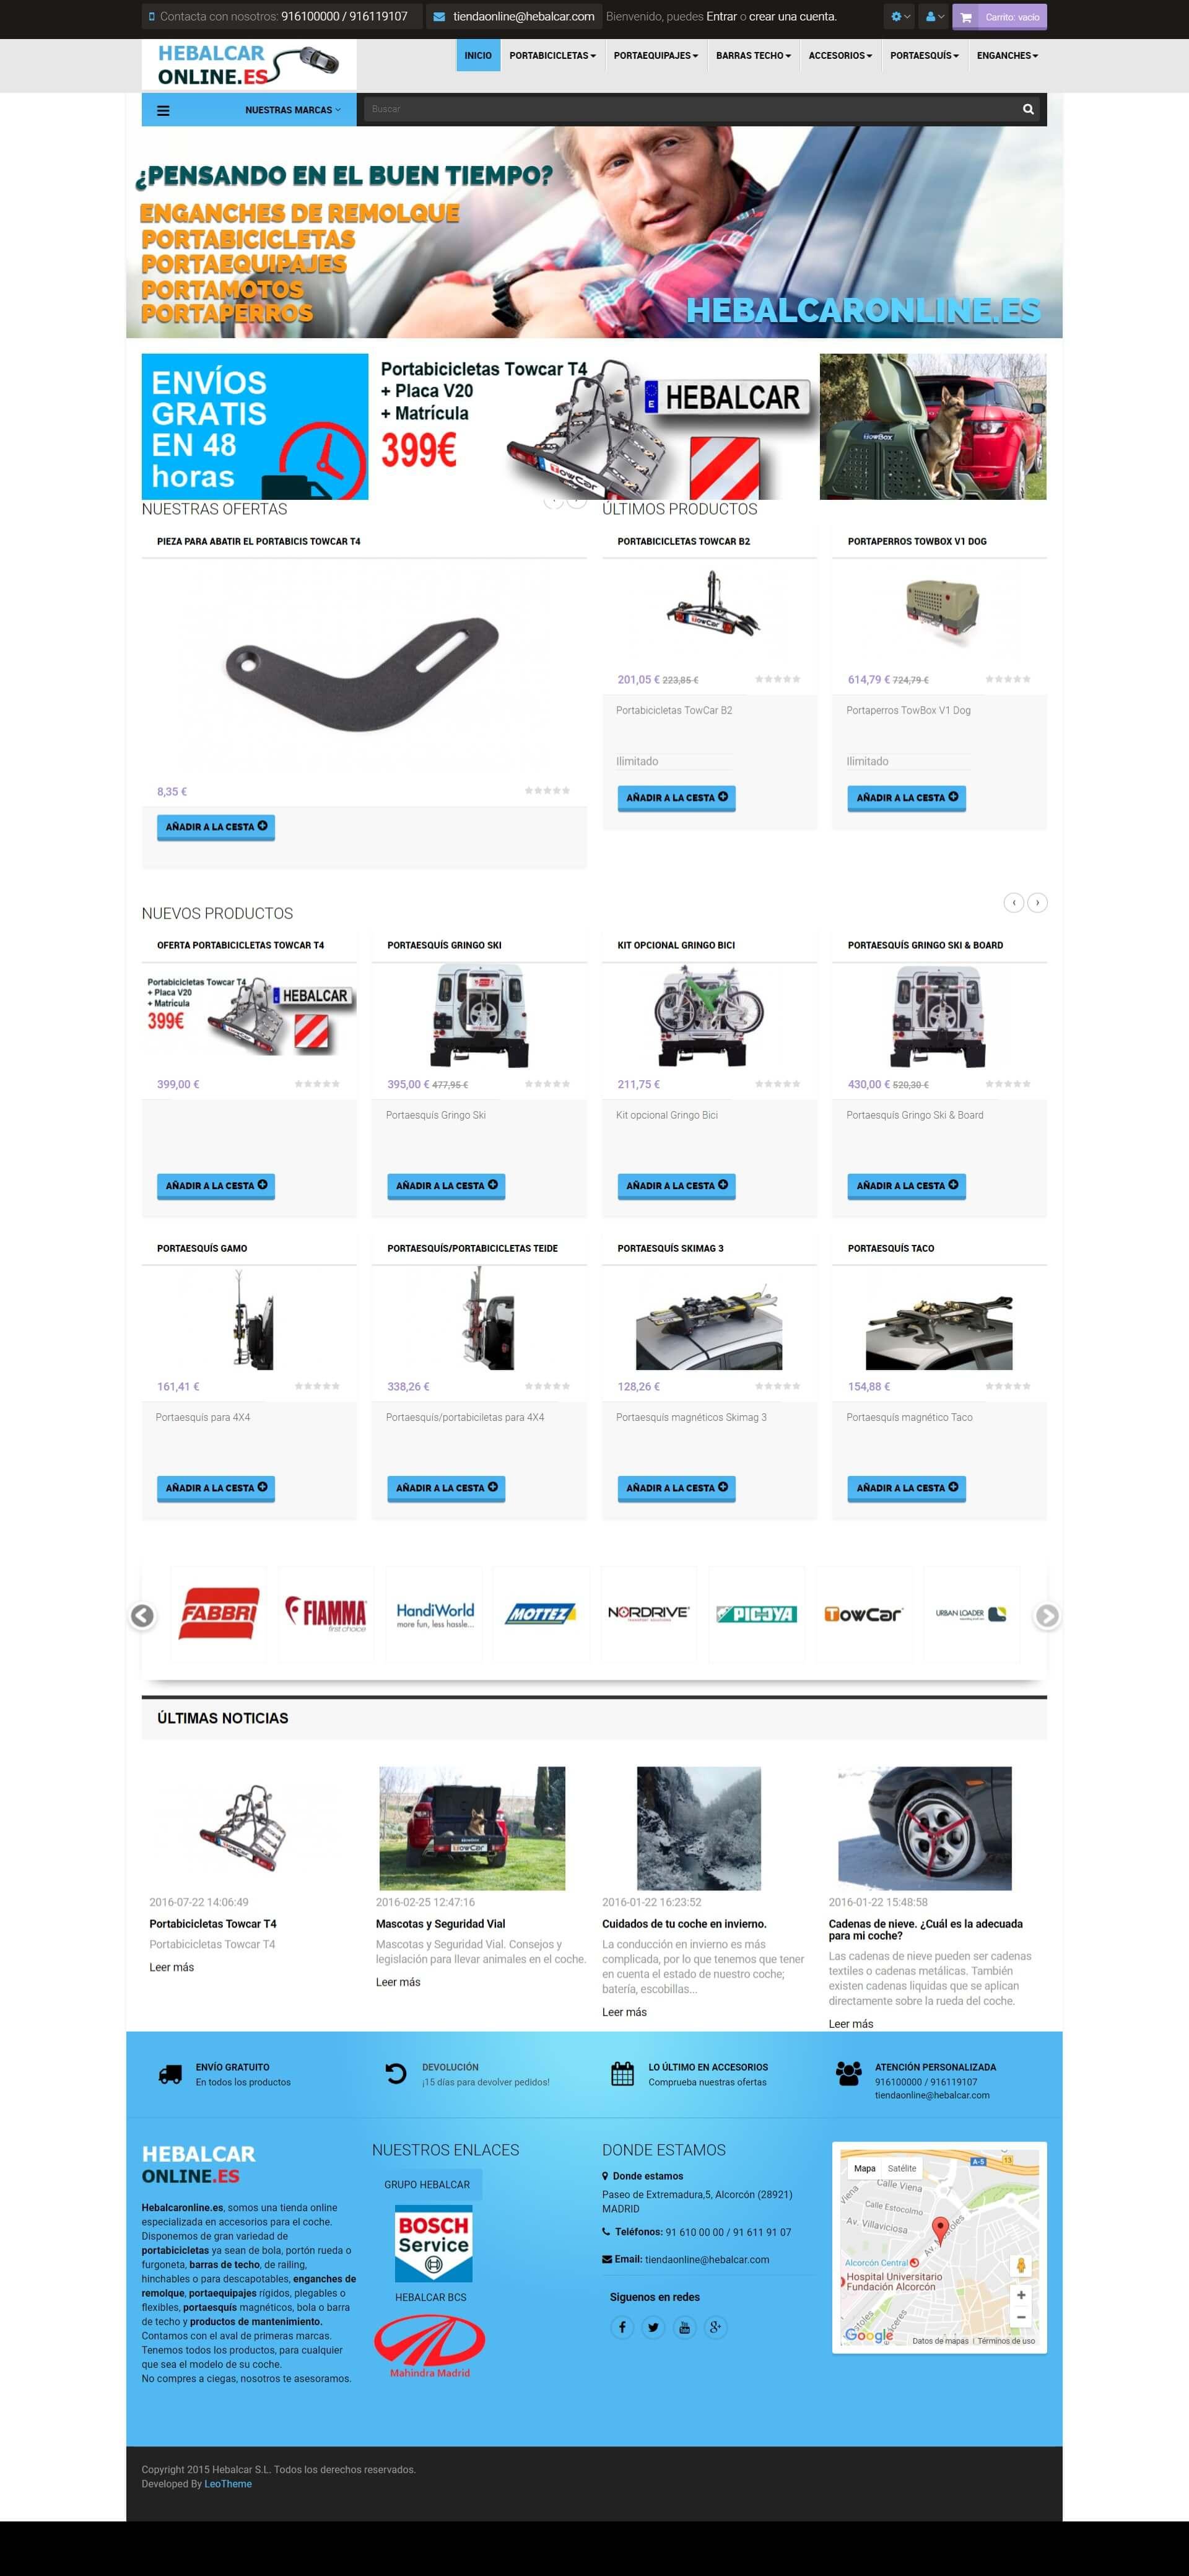 tienda online - hebalcar